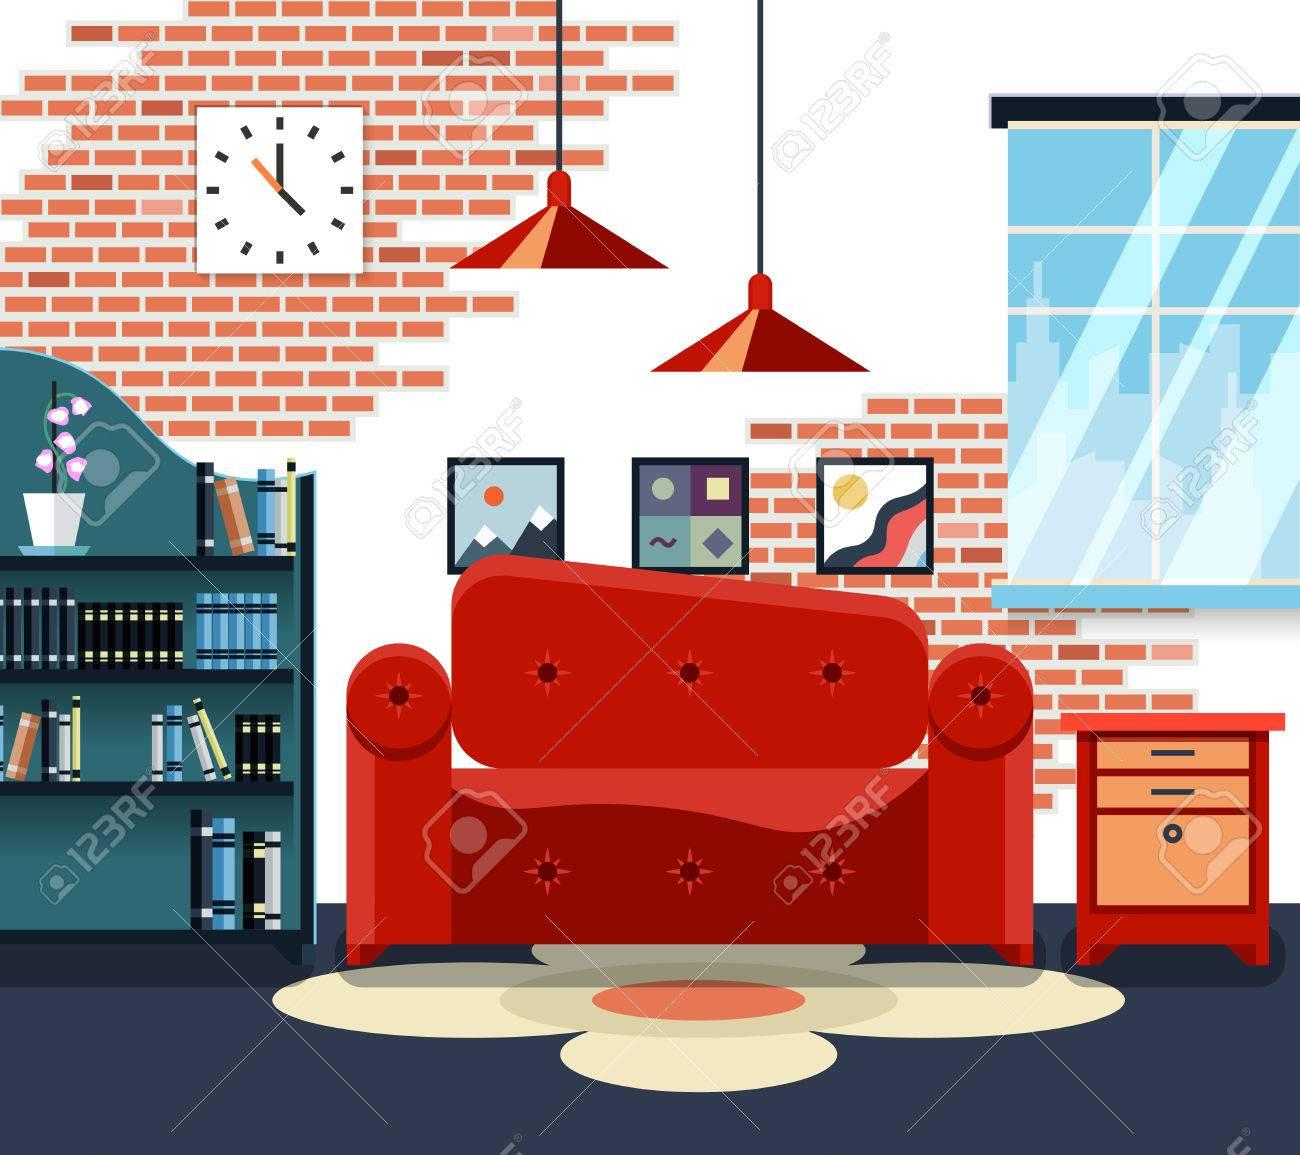 Wohnzimmer Mit Möbeln Und Lange Schatten. Design Dekoration, Lampe Und  Sofa. Vektor